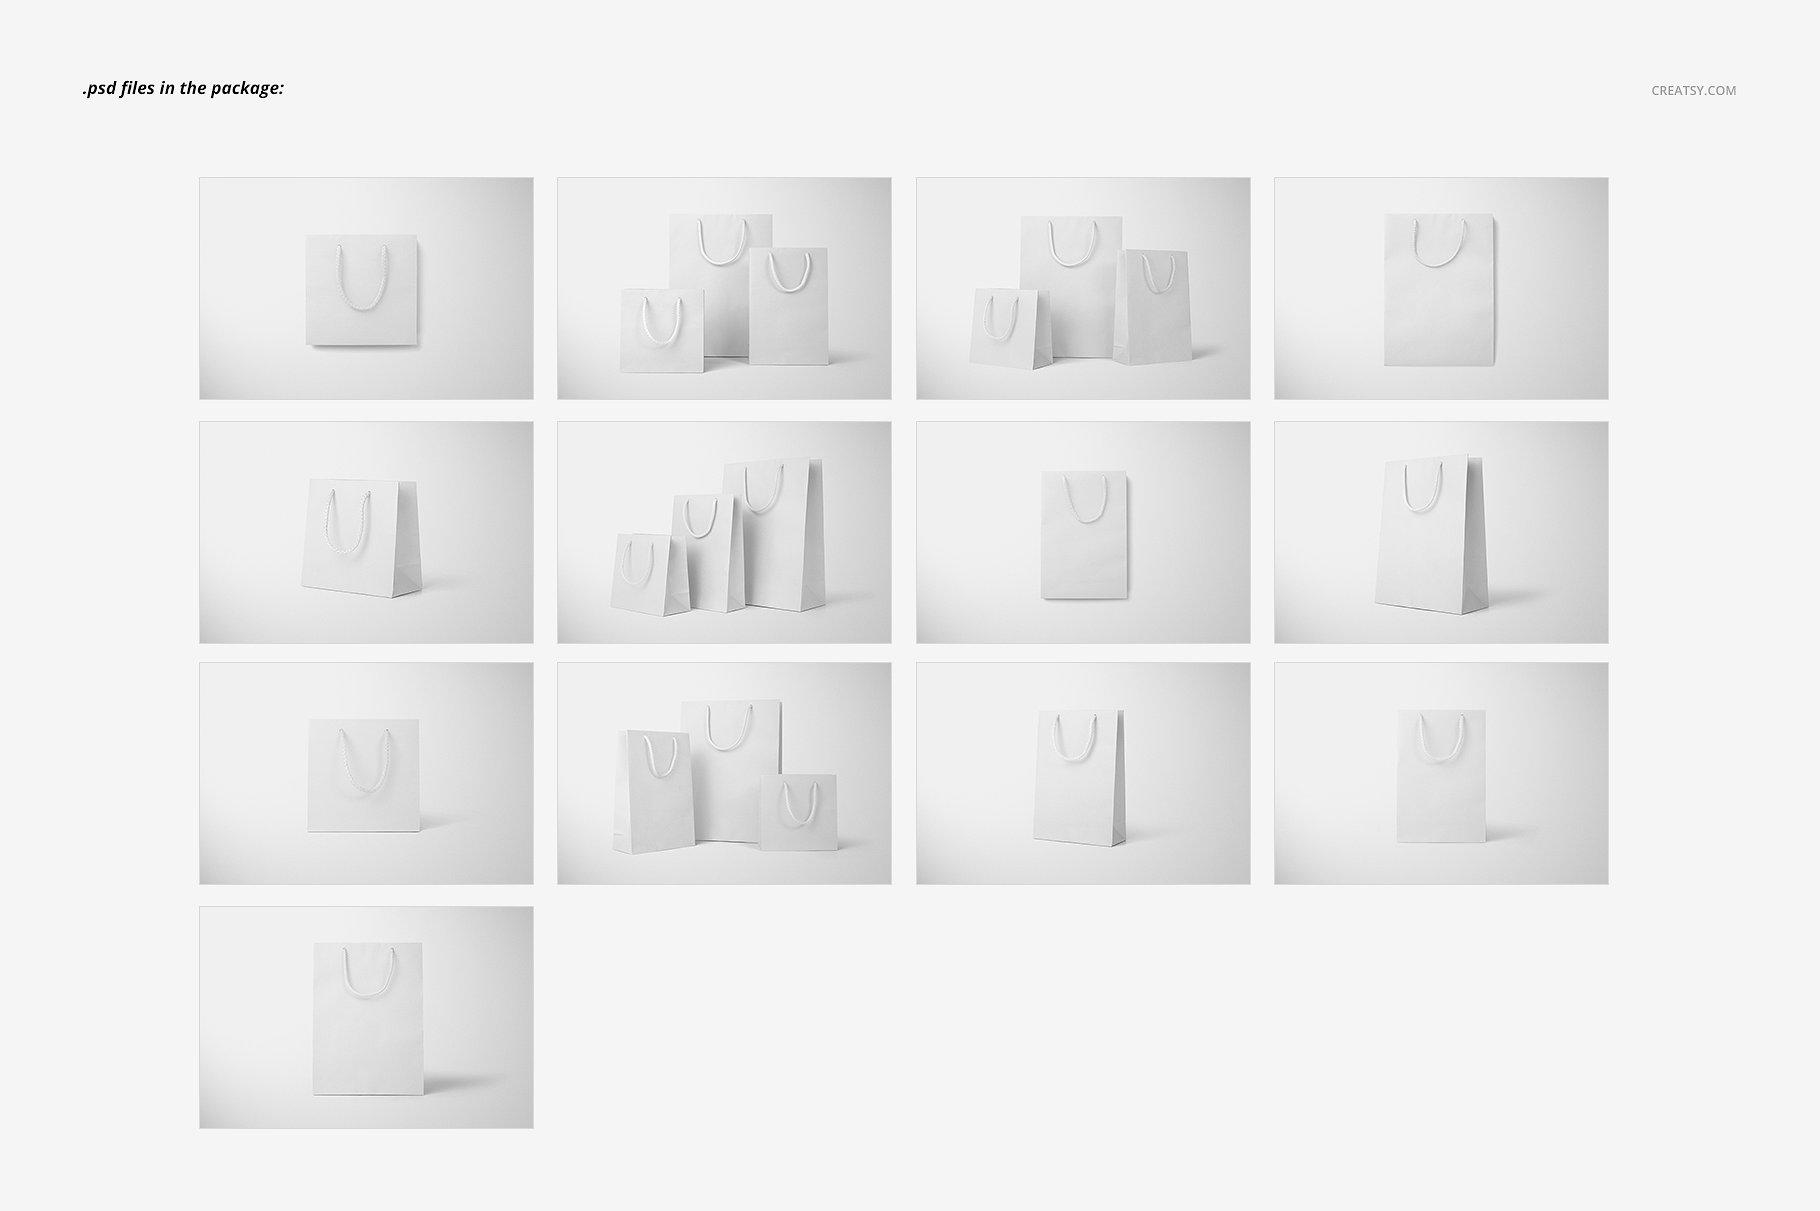 手提袋样机PSD智能贴图模板 Paper Bags Mockup (gifting edition)